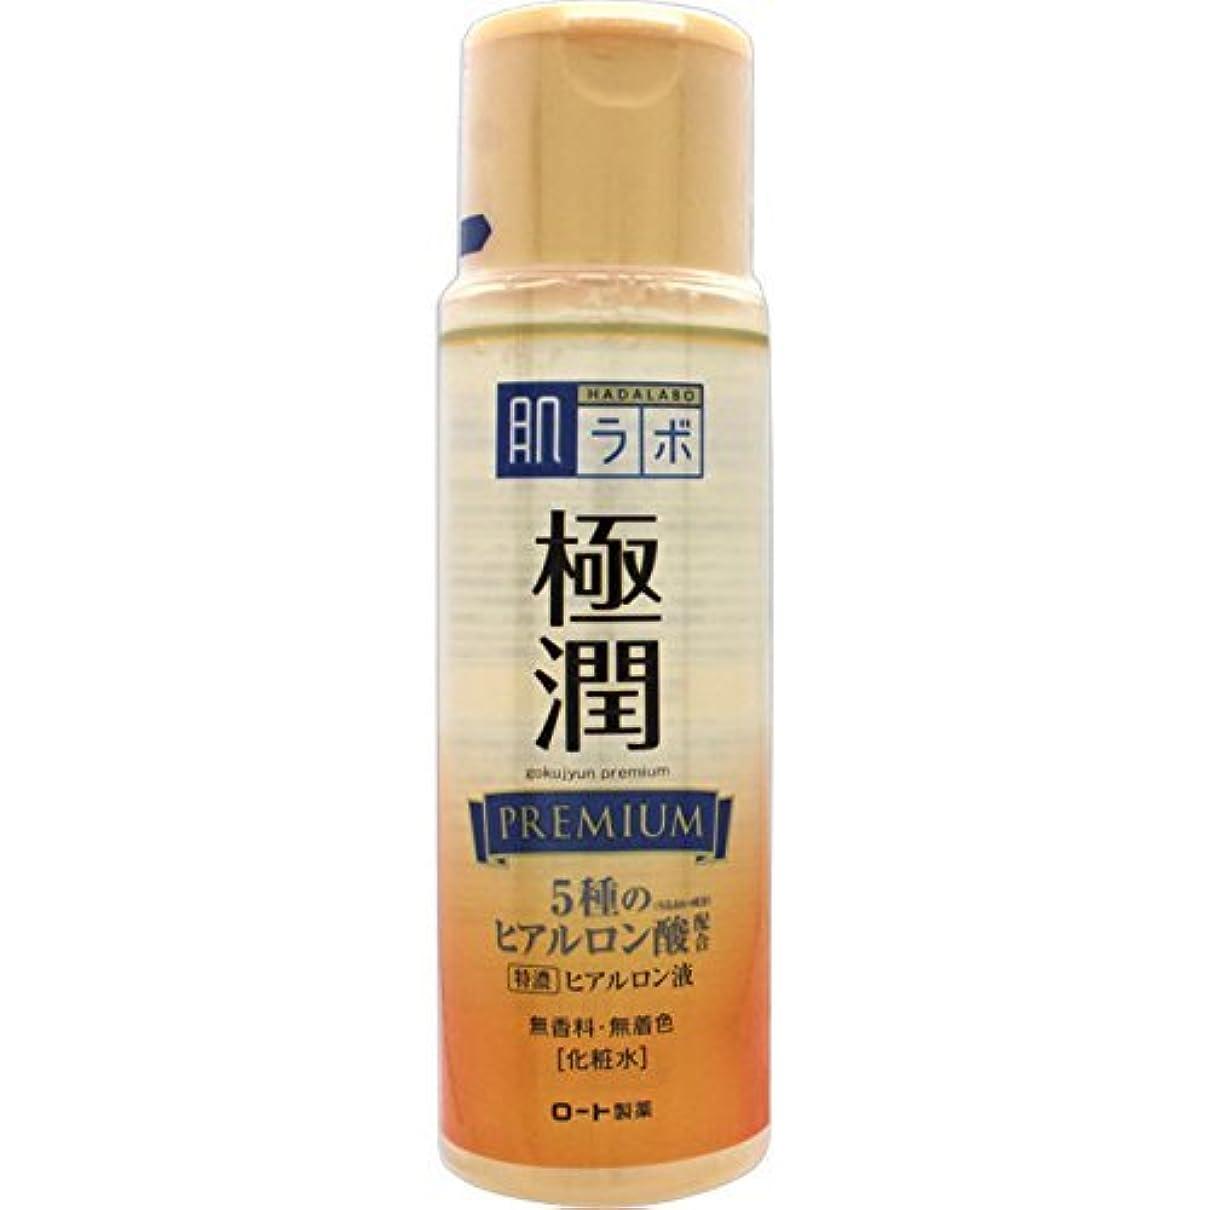 吸収テレマコス強風肌研(ハダラボ) 極潤プレミアム ヒアルロン液 × 3個セット